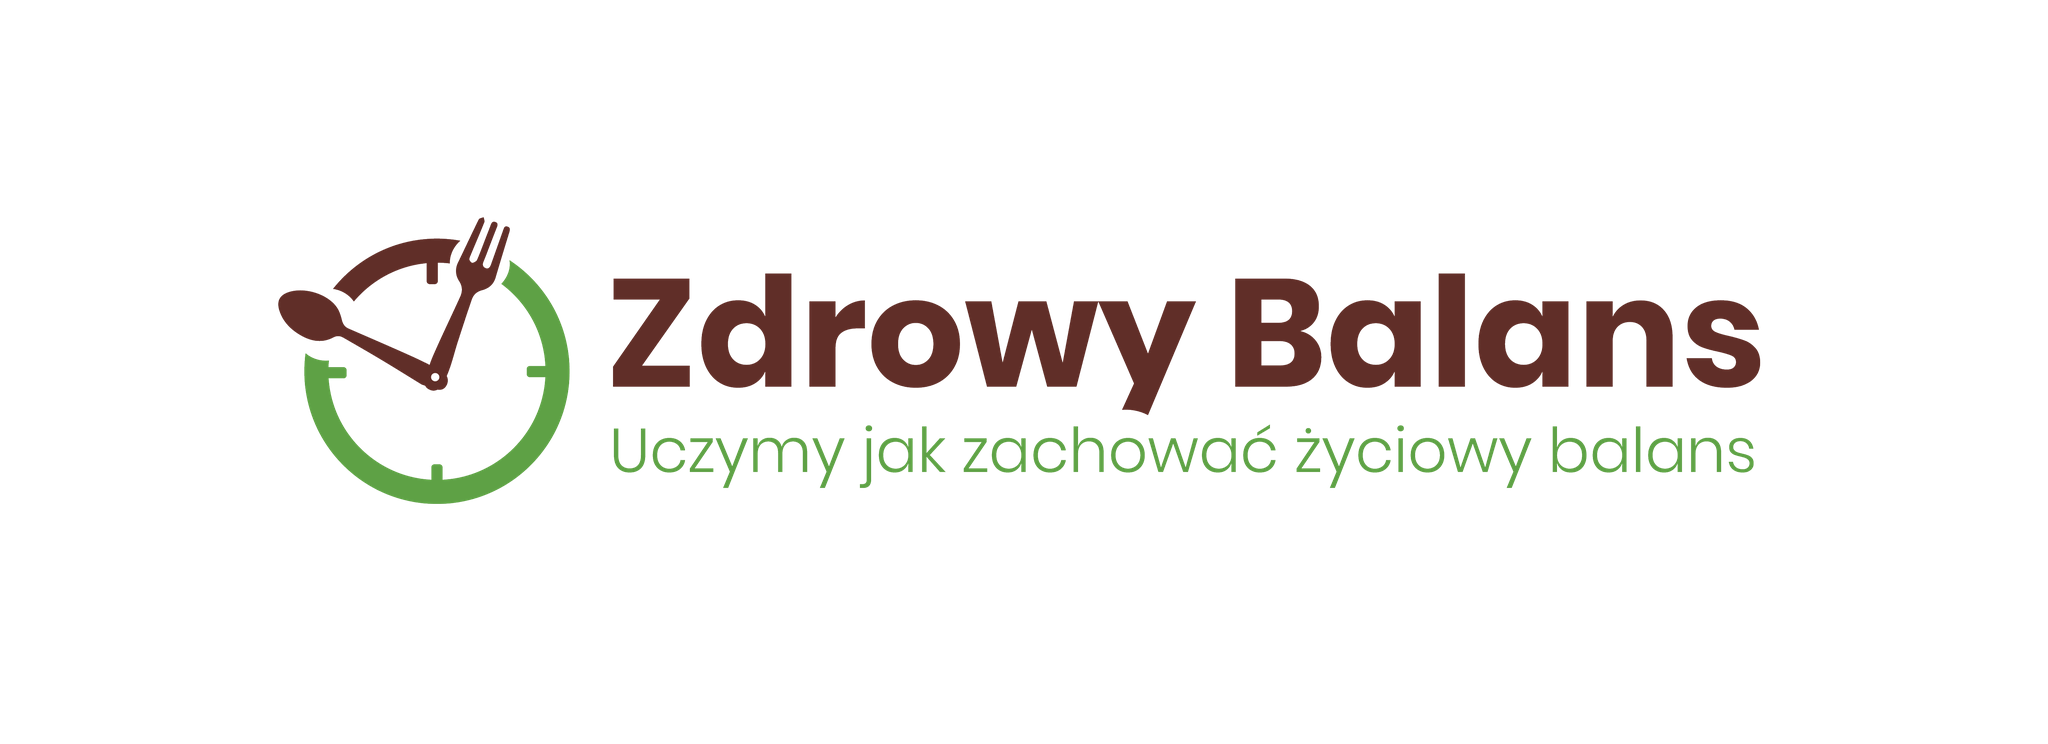 zdrowy balans logo